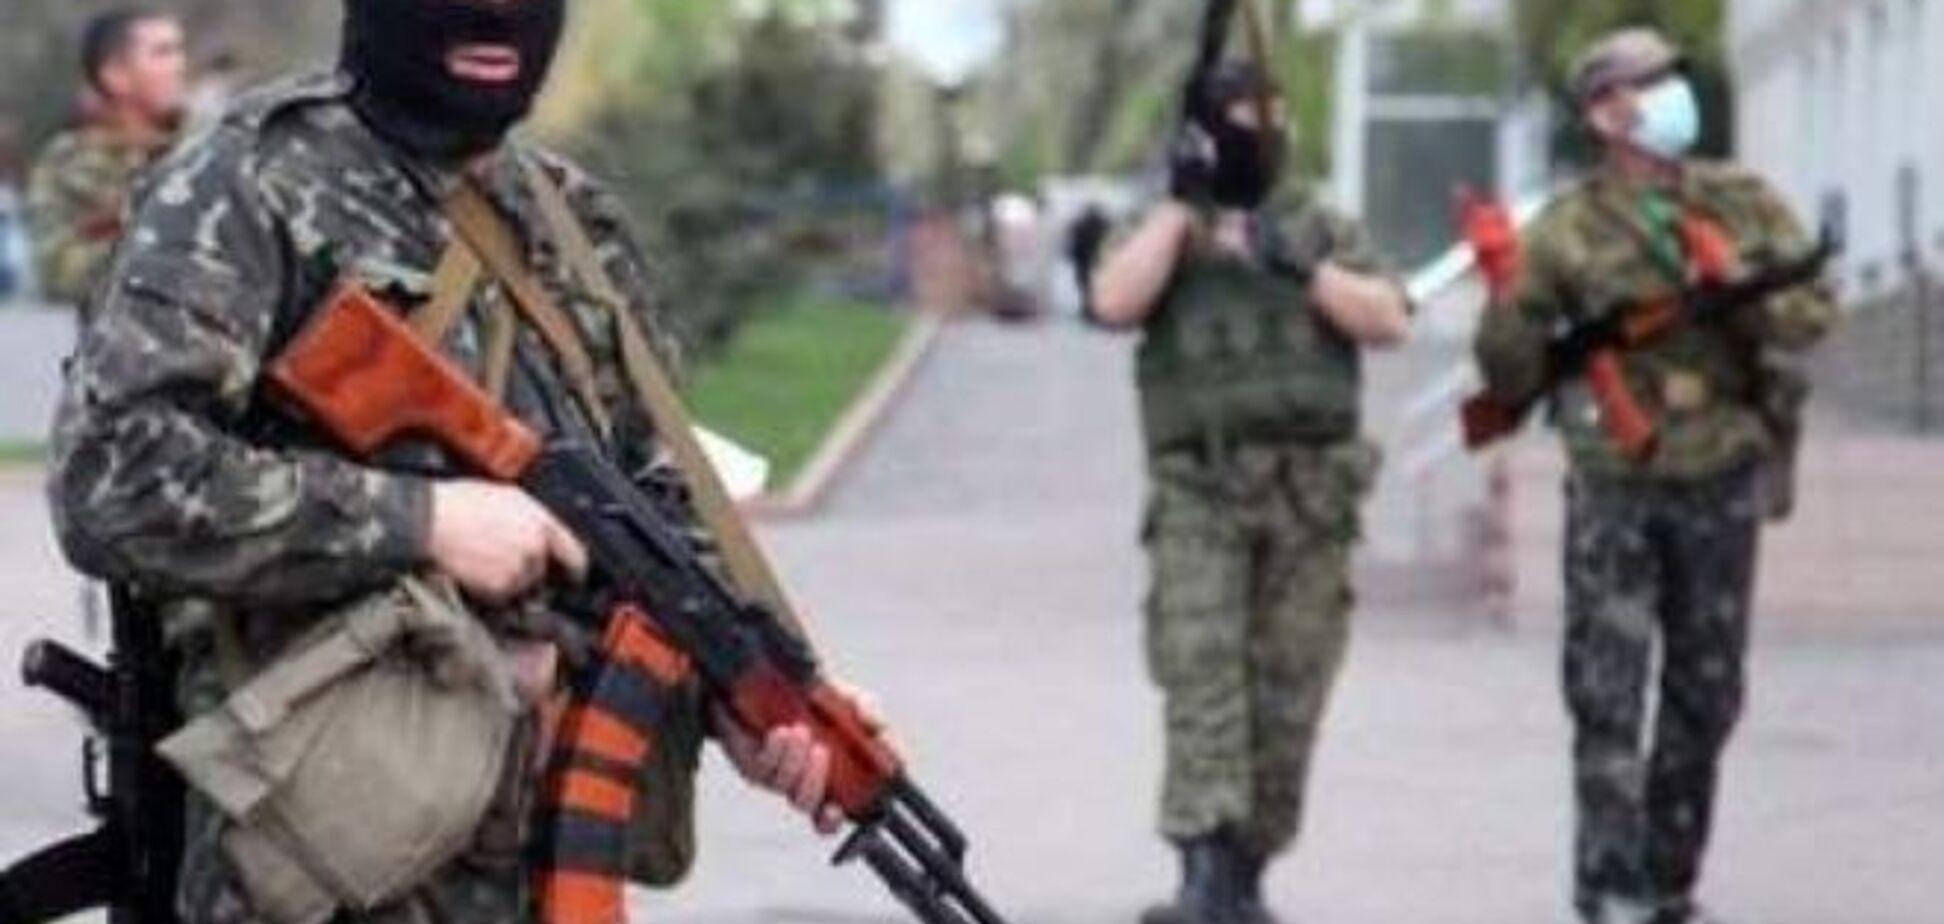 'Мясные батальоны Путина': на подмогу террористам пришли российские уголовники